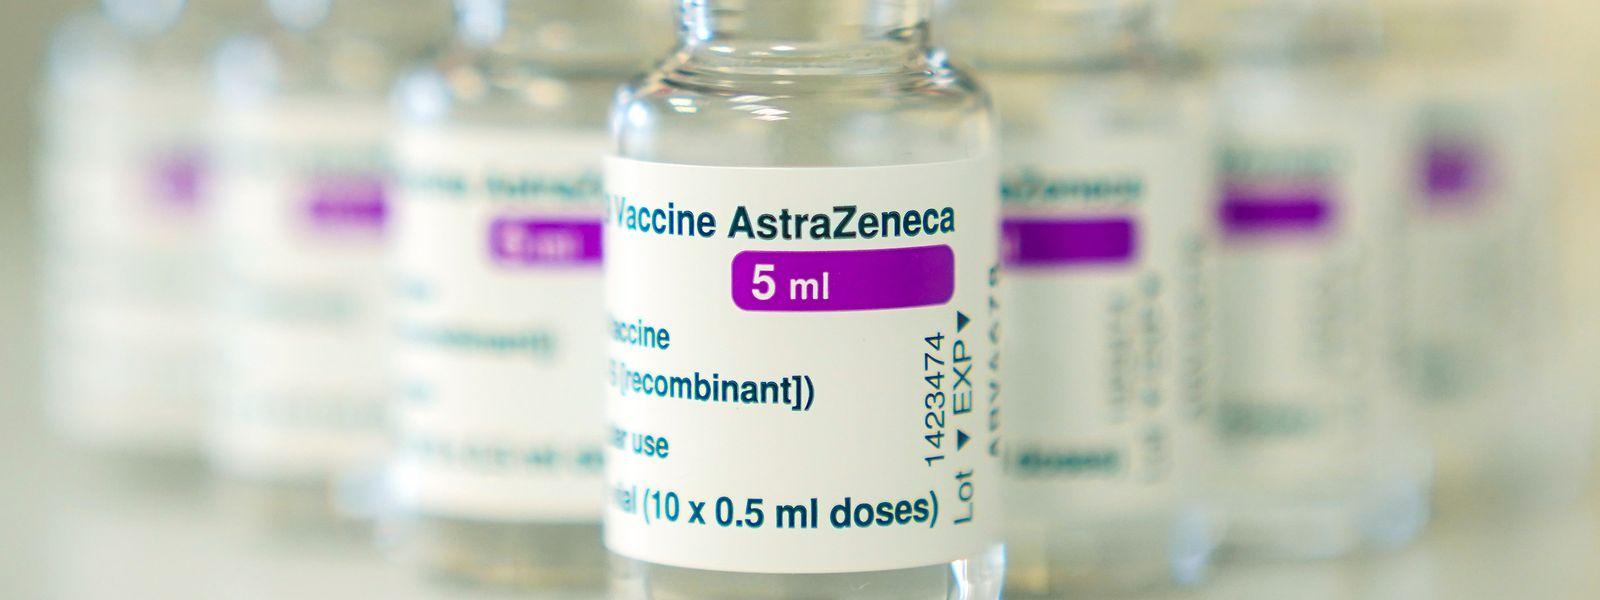 En Allemagne, l'Institut Paul-Ehrlich a répertorié 31 cas suspects de thrombose veineuse cérébrale avec neuf décès, sur 2,8 millions de doses AstraZeneca injectées.